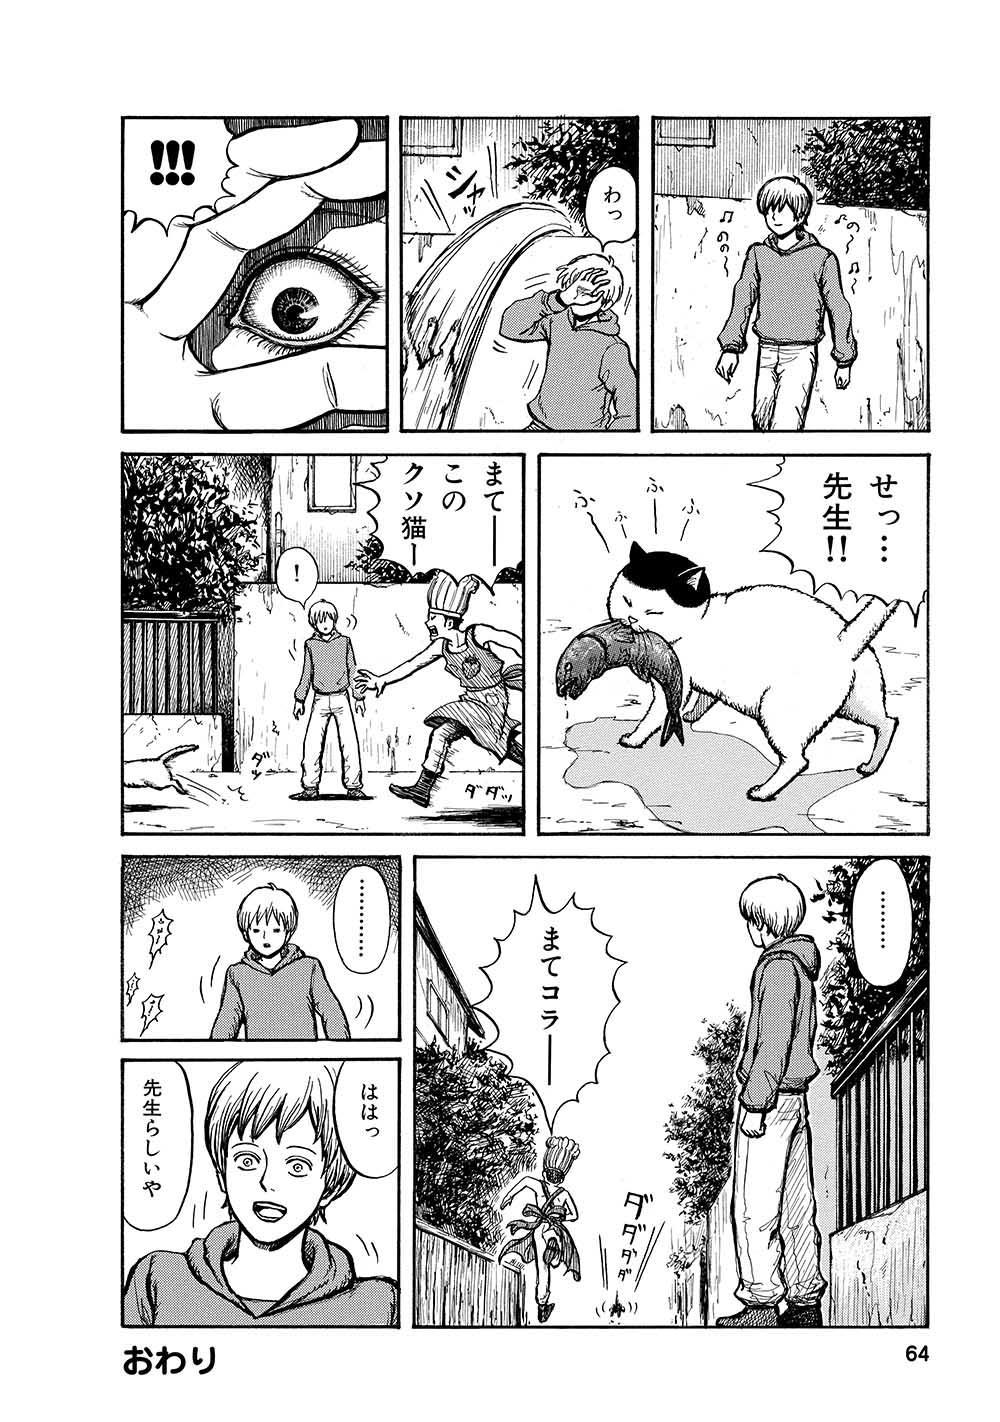 未知庵1_064.jpg